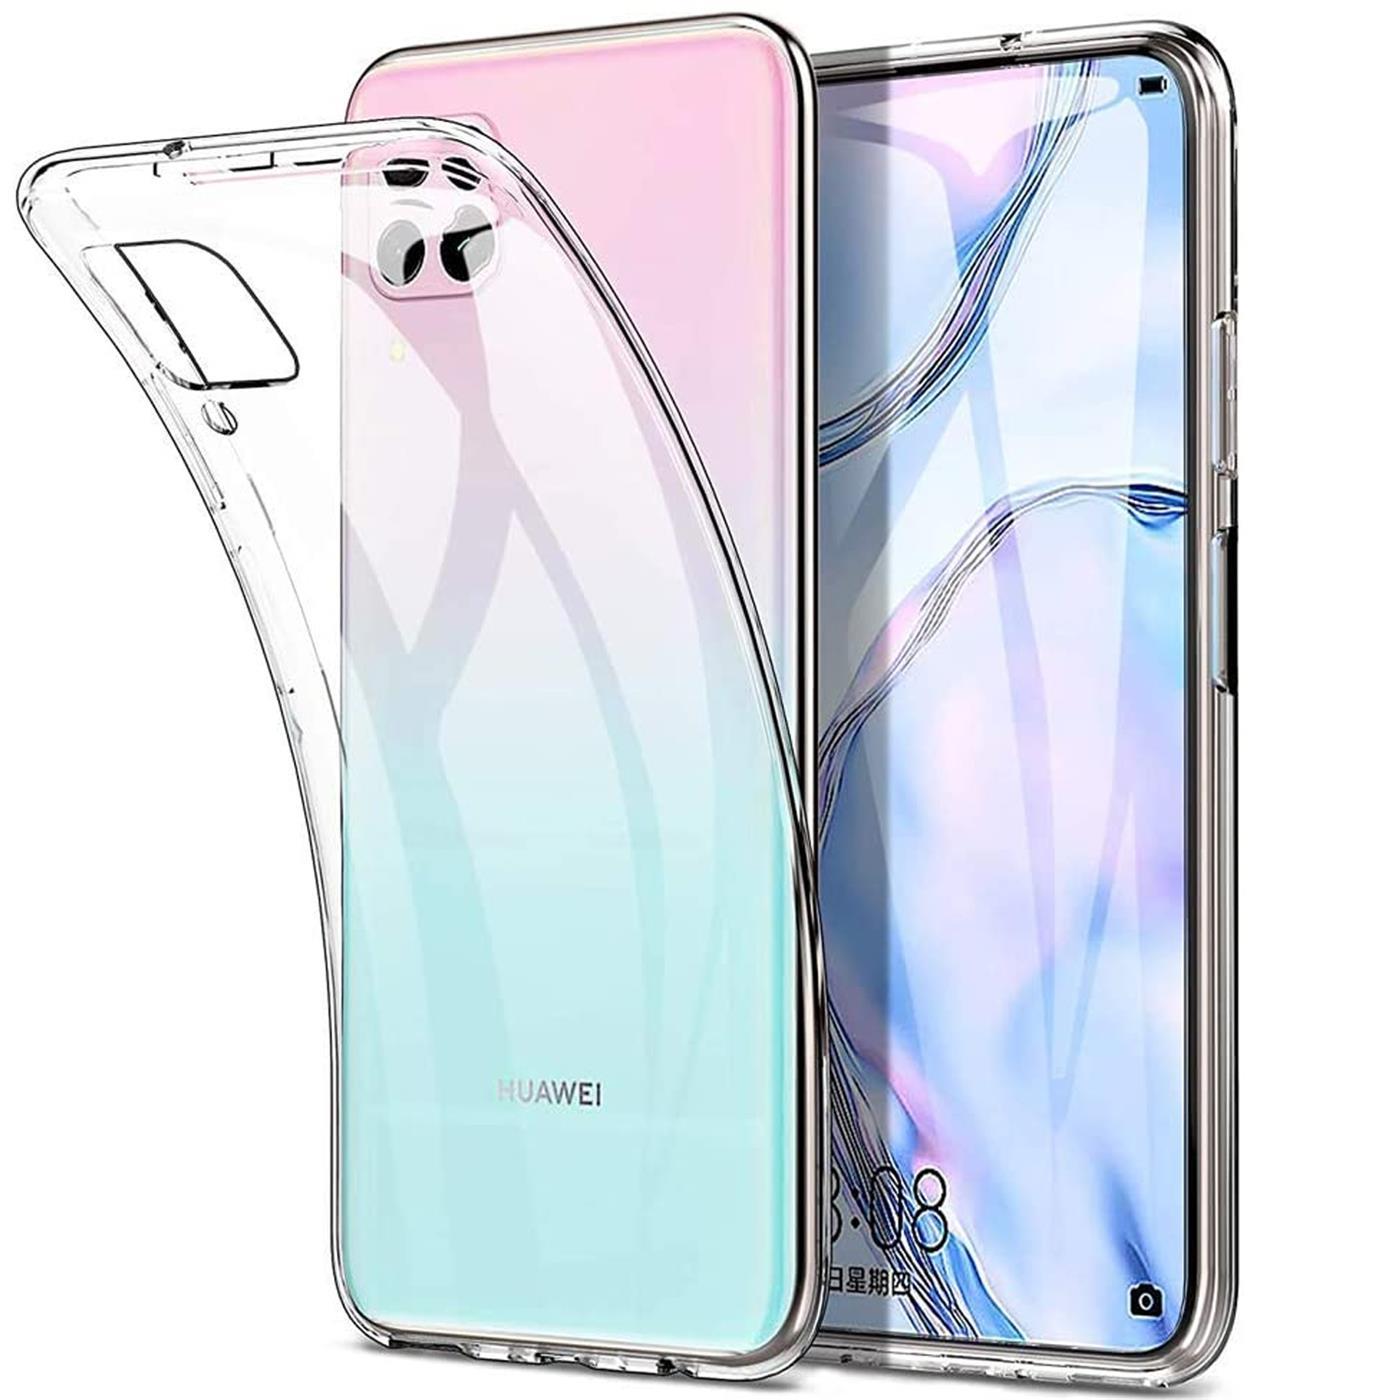 Handy-Case-fuer-Huawei-P40-Lite-Huelle-Transparent-Schutz-Tasche-Handyhuelle-Cover Indexbild 10